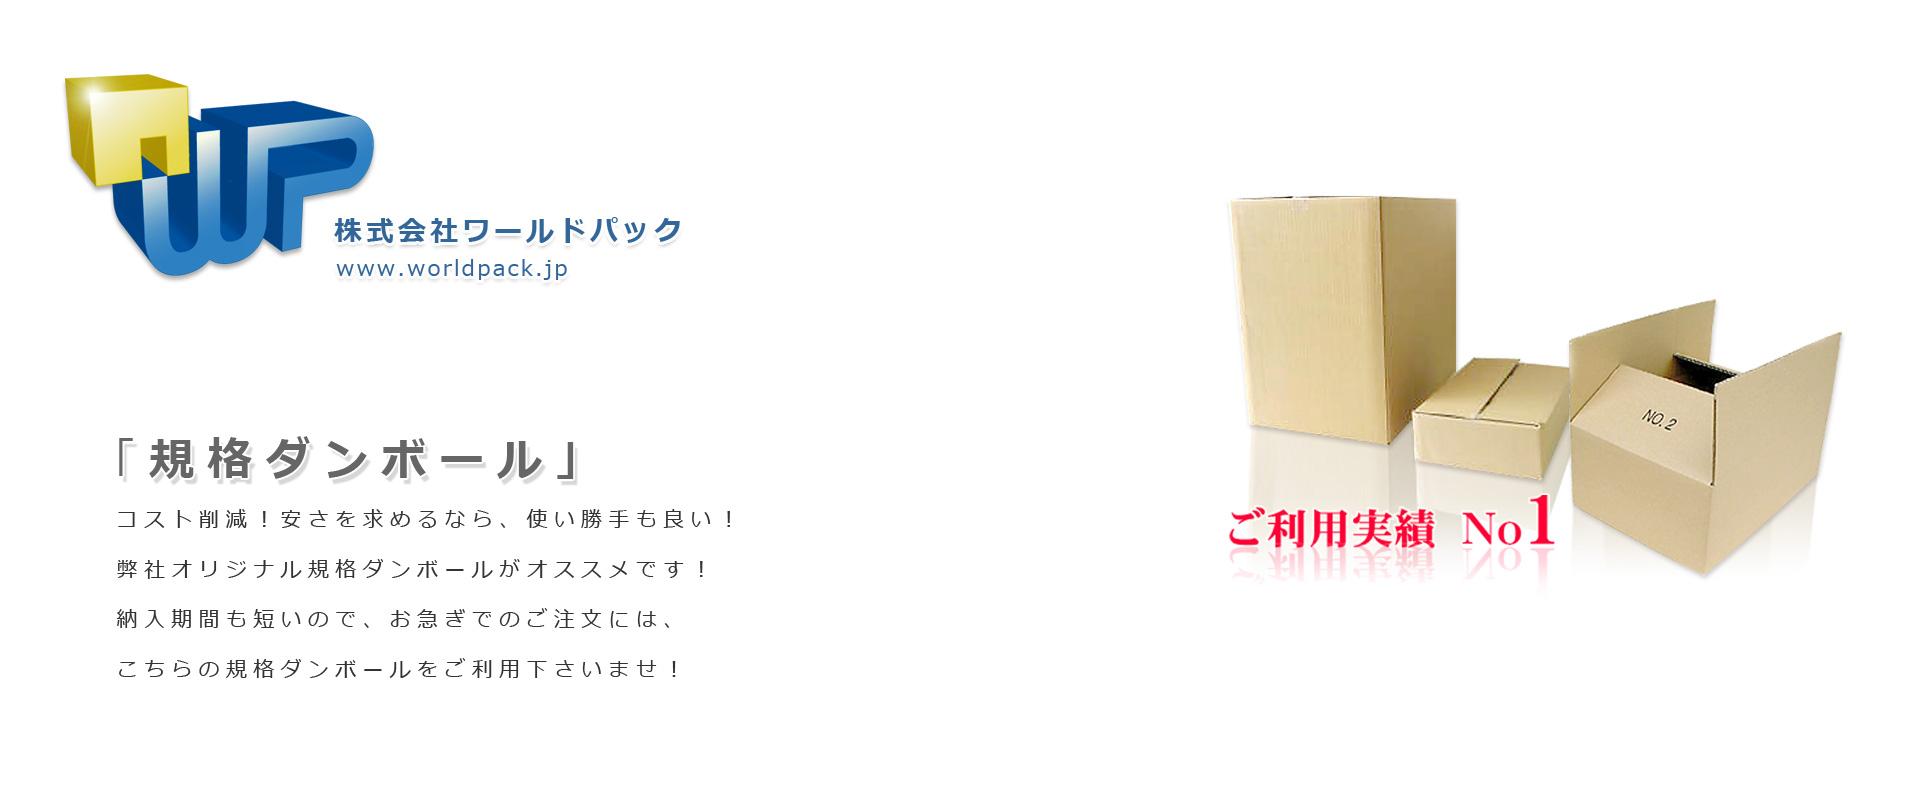 安くて便利なダンボール 規格ダンボール 小ロット販売OK 株式会社ワールドパック 東京、神奈川、埼玉、千葉、茨城、群馬、栃木